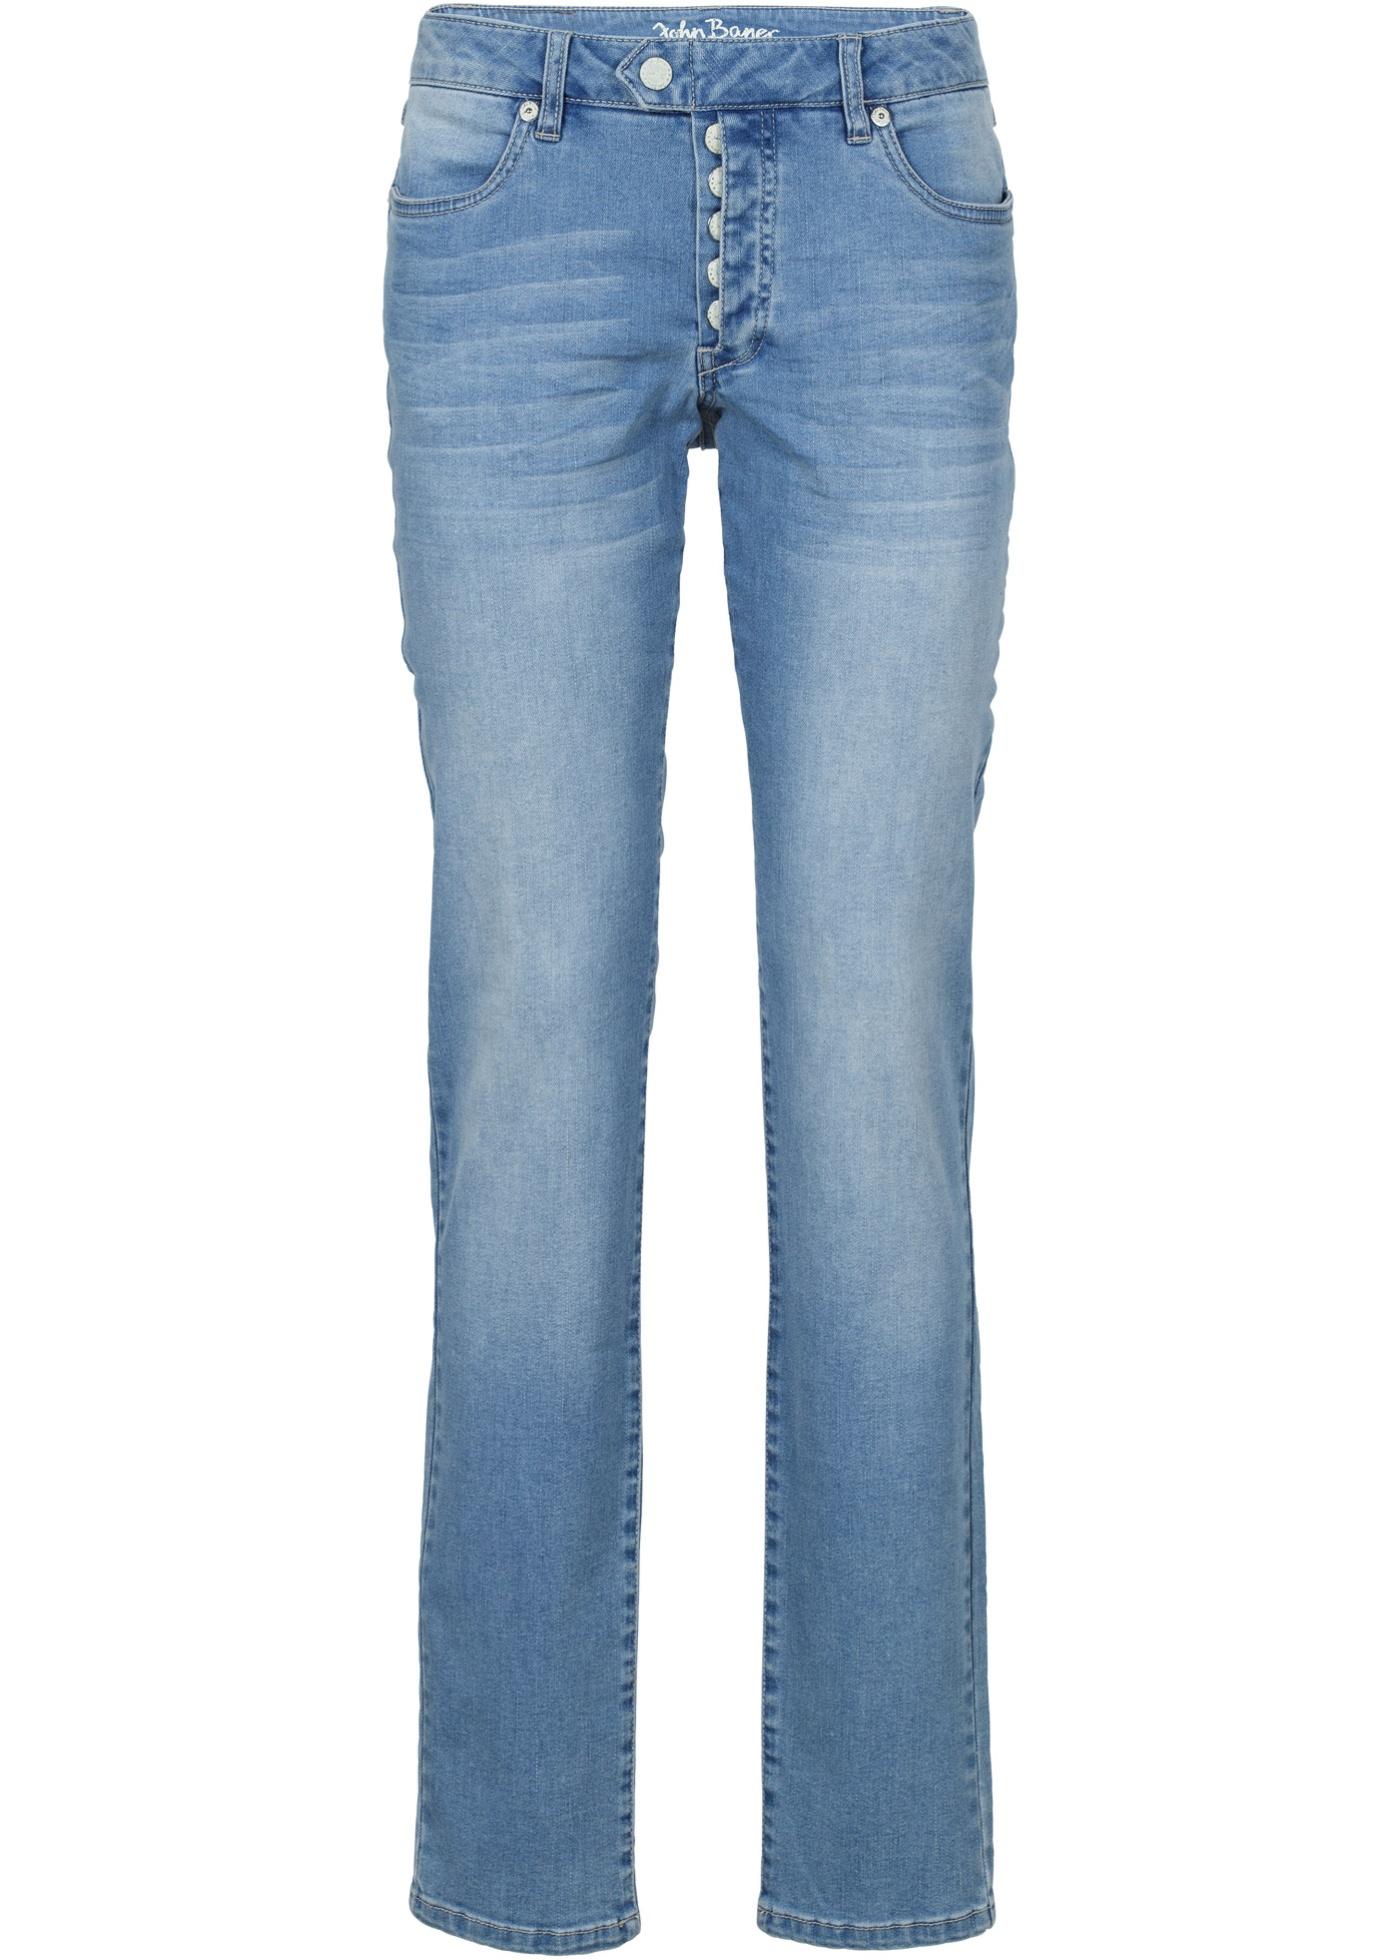 Bonprix - Boyfriend jeans 349.00